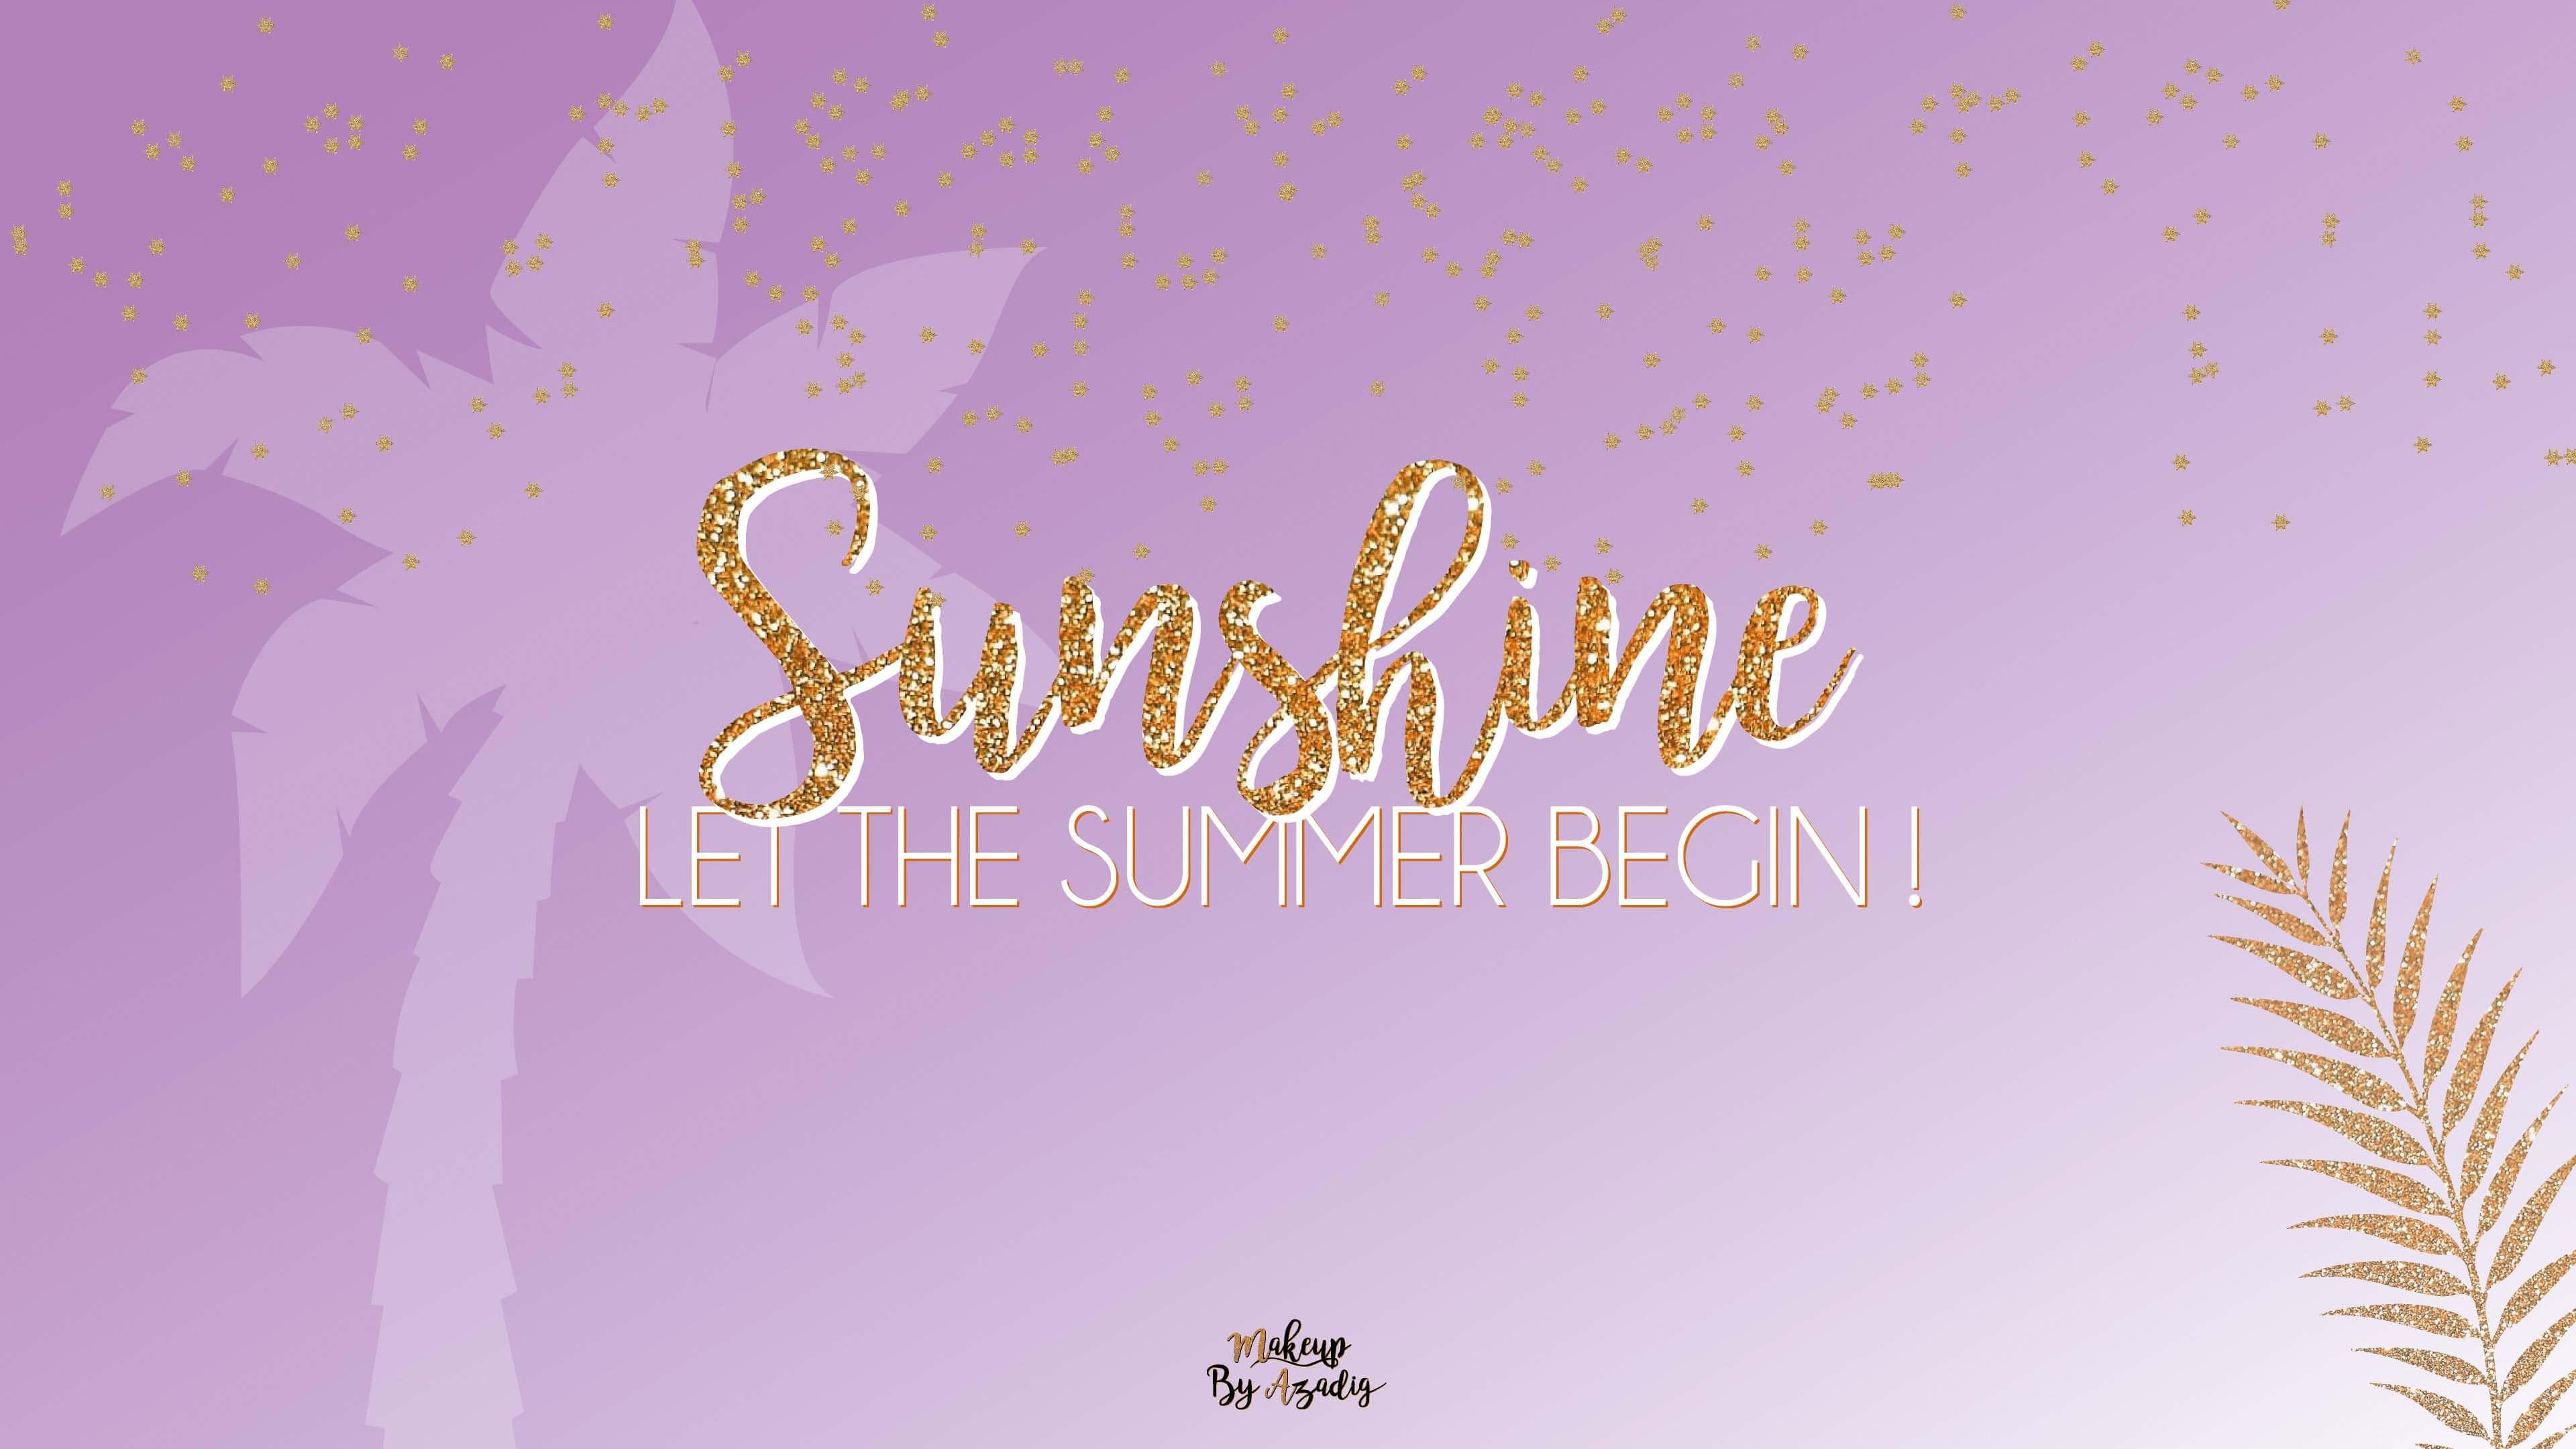 fond-decran-wallpaper-summer-begin-glitter-spring-girly-ordinateur-mac-macbook-imac-pc-makeupbyazadig-tendance